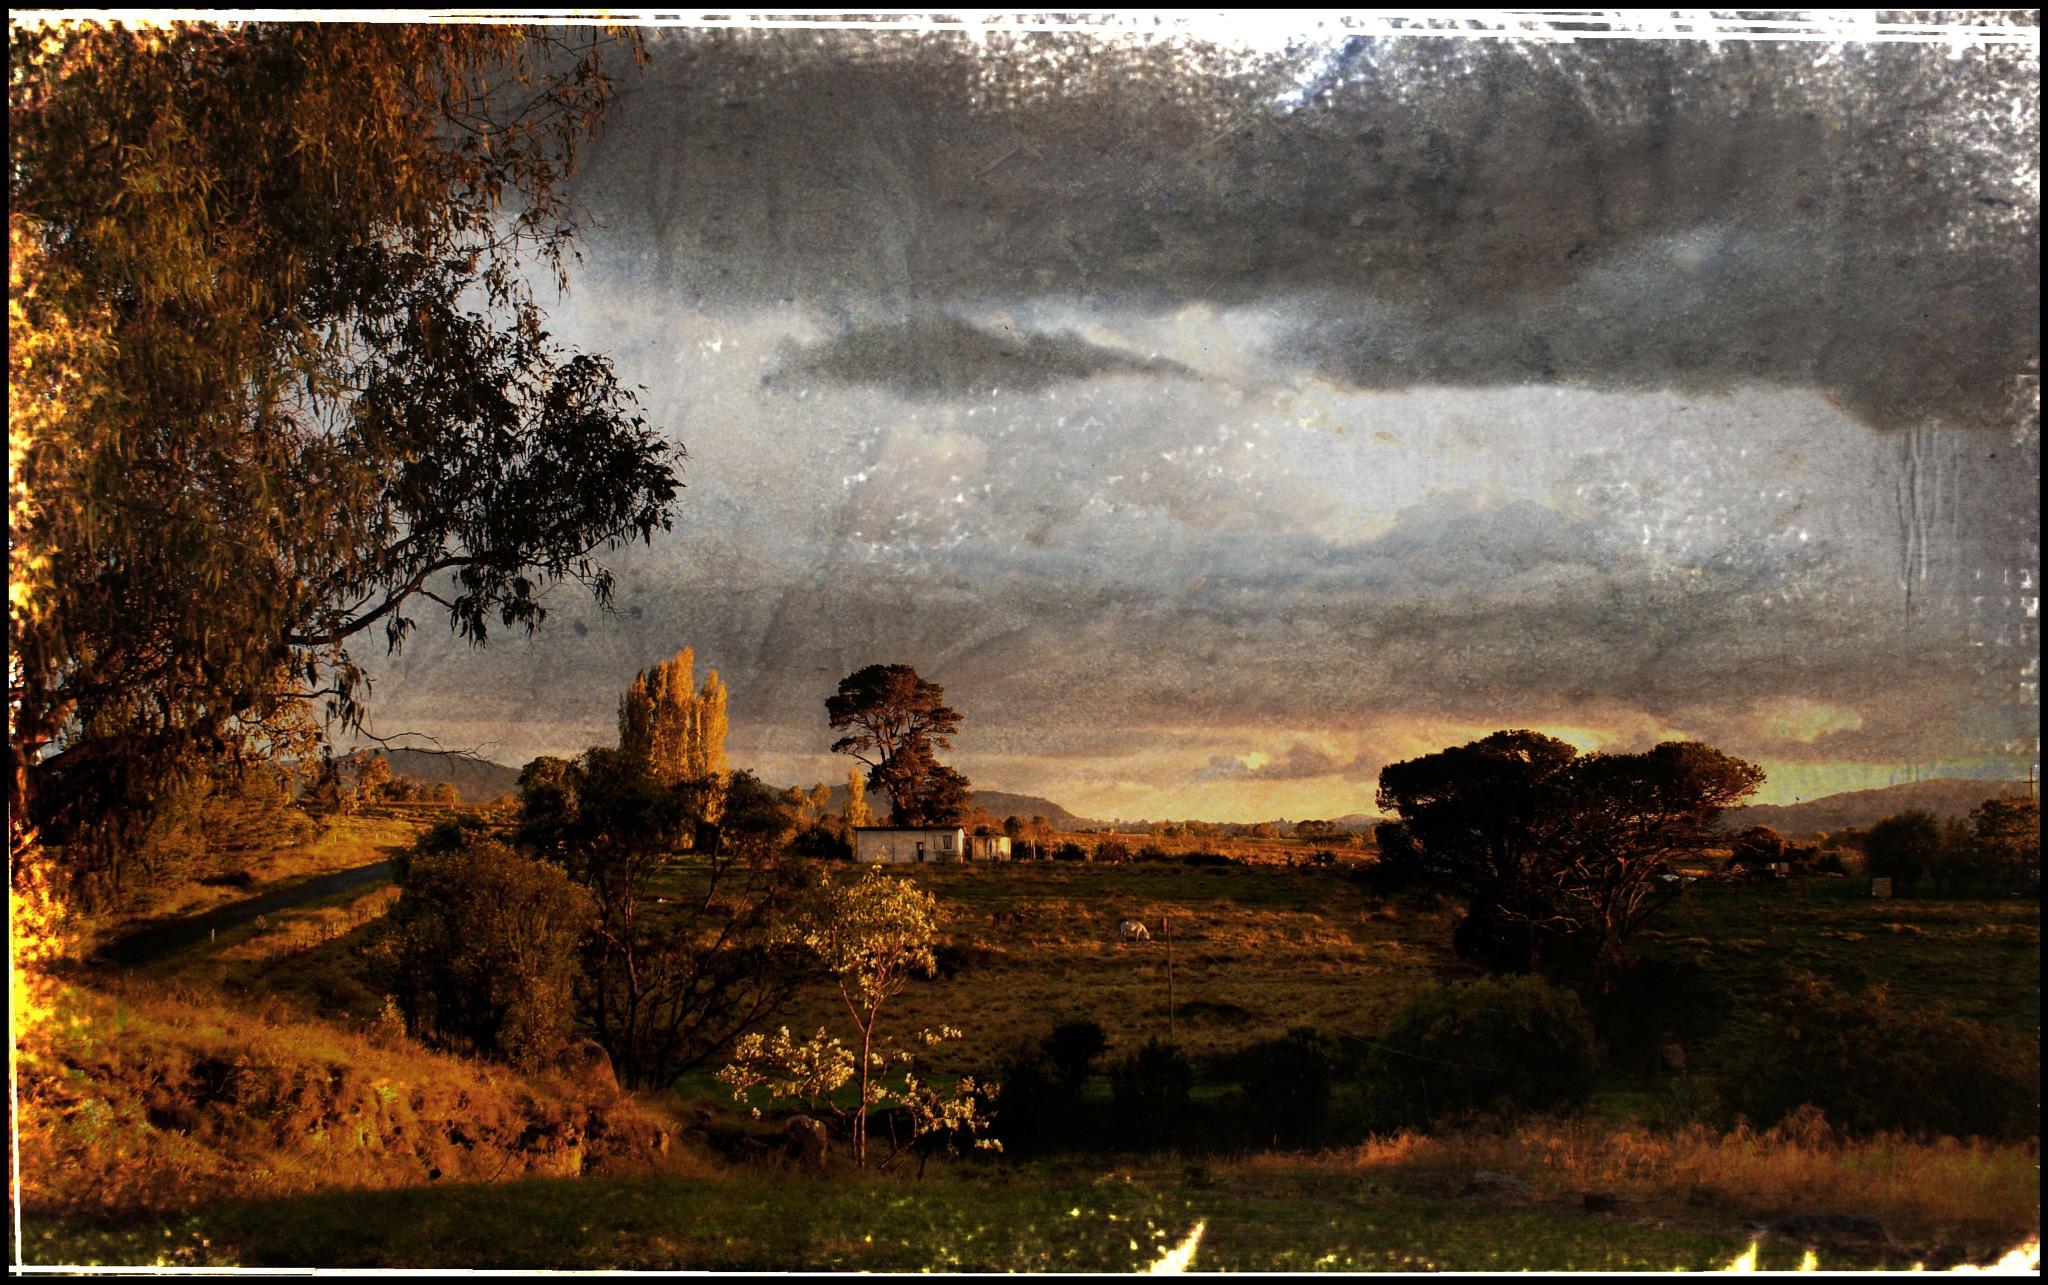 Sundown, Tenterfield, Australia by Marilyn Bielski